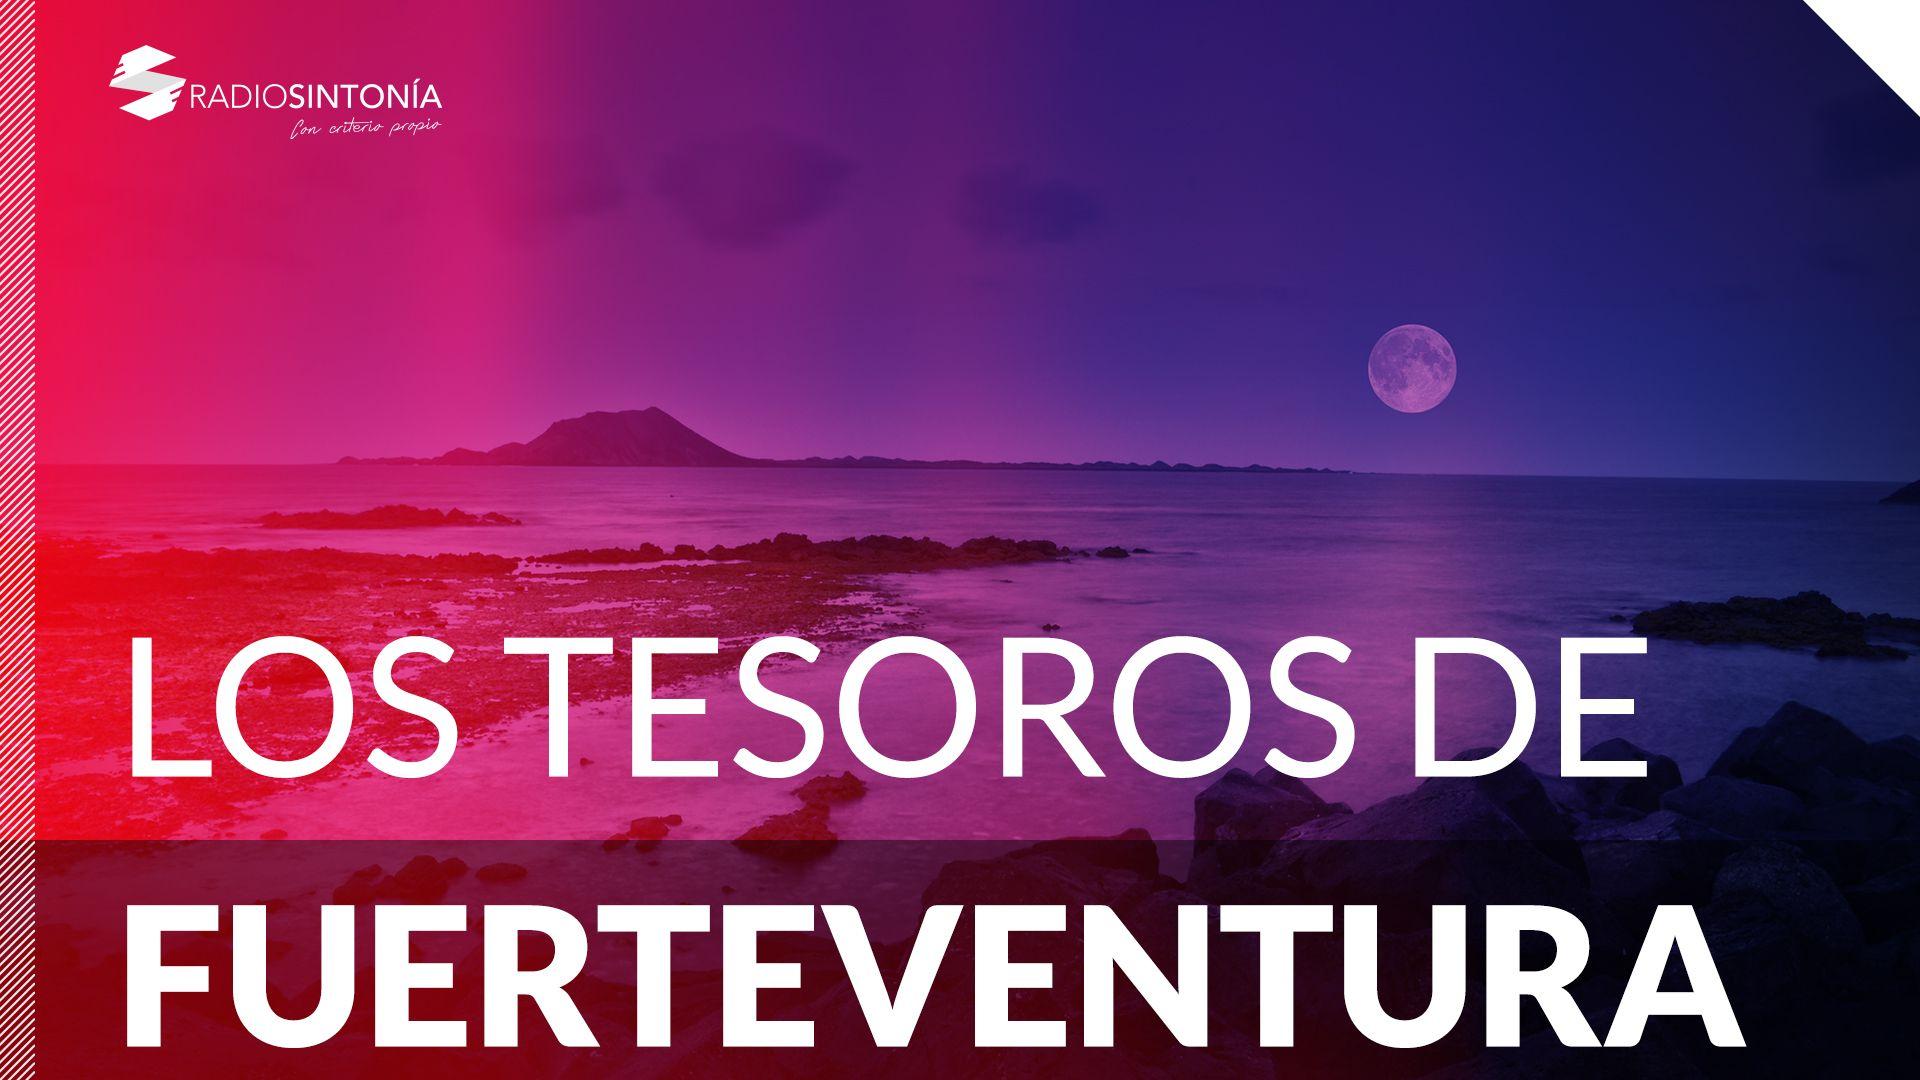 LOS TESOROS DE FUERTEVENTURA